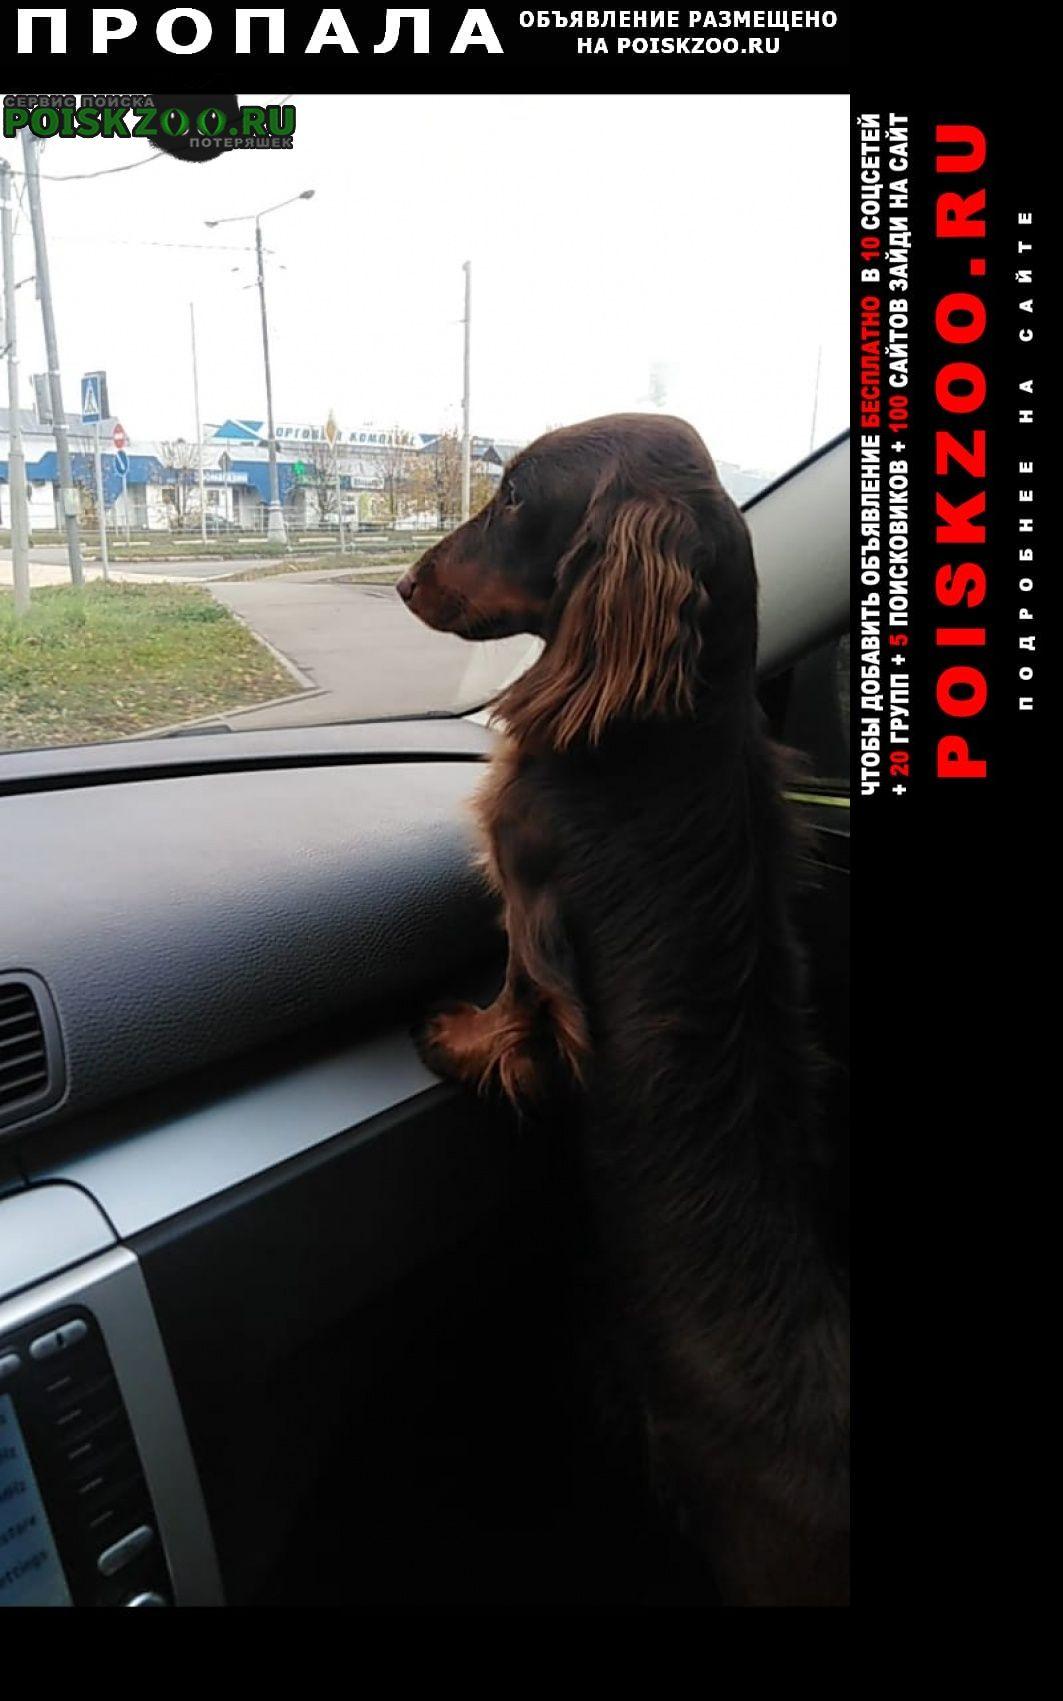 Пущино Пропала собака кобель длинношерстной таксы